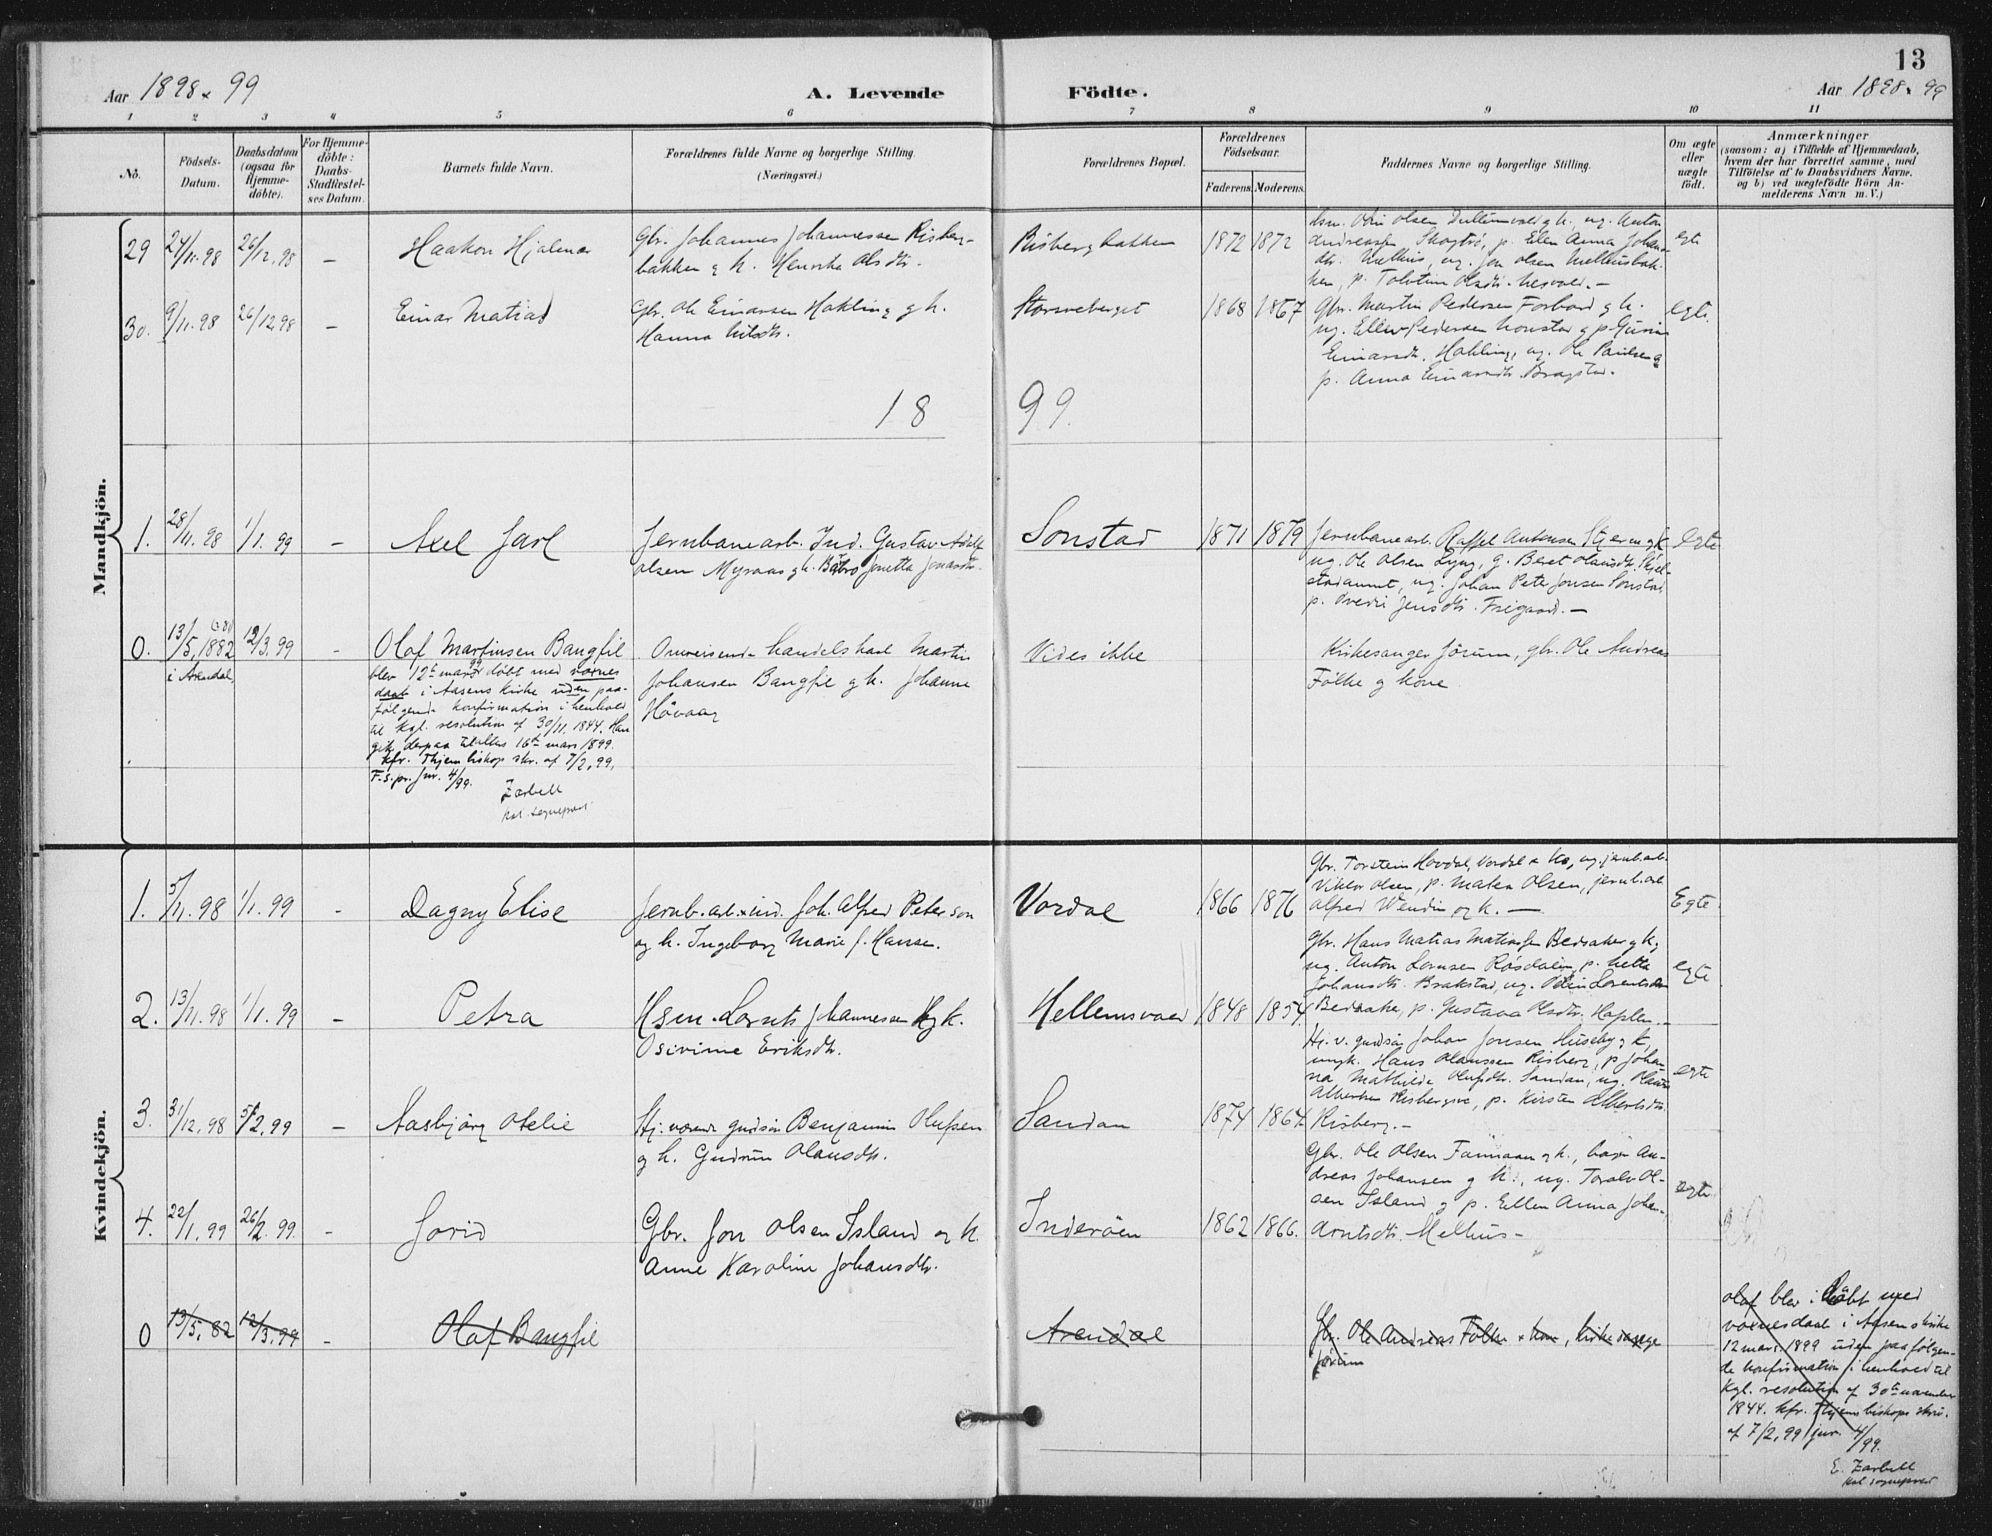 SAT, Ministerialprotokoller, klokkerbøker og fødselsregistre - Nord-Trøndelag, 714/L0131: Ministerialbok nr. 714A02, 1896-1918, s. 13